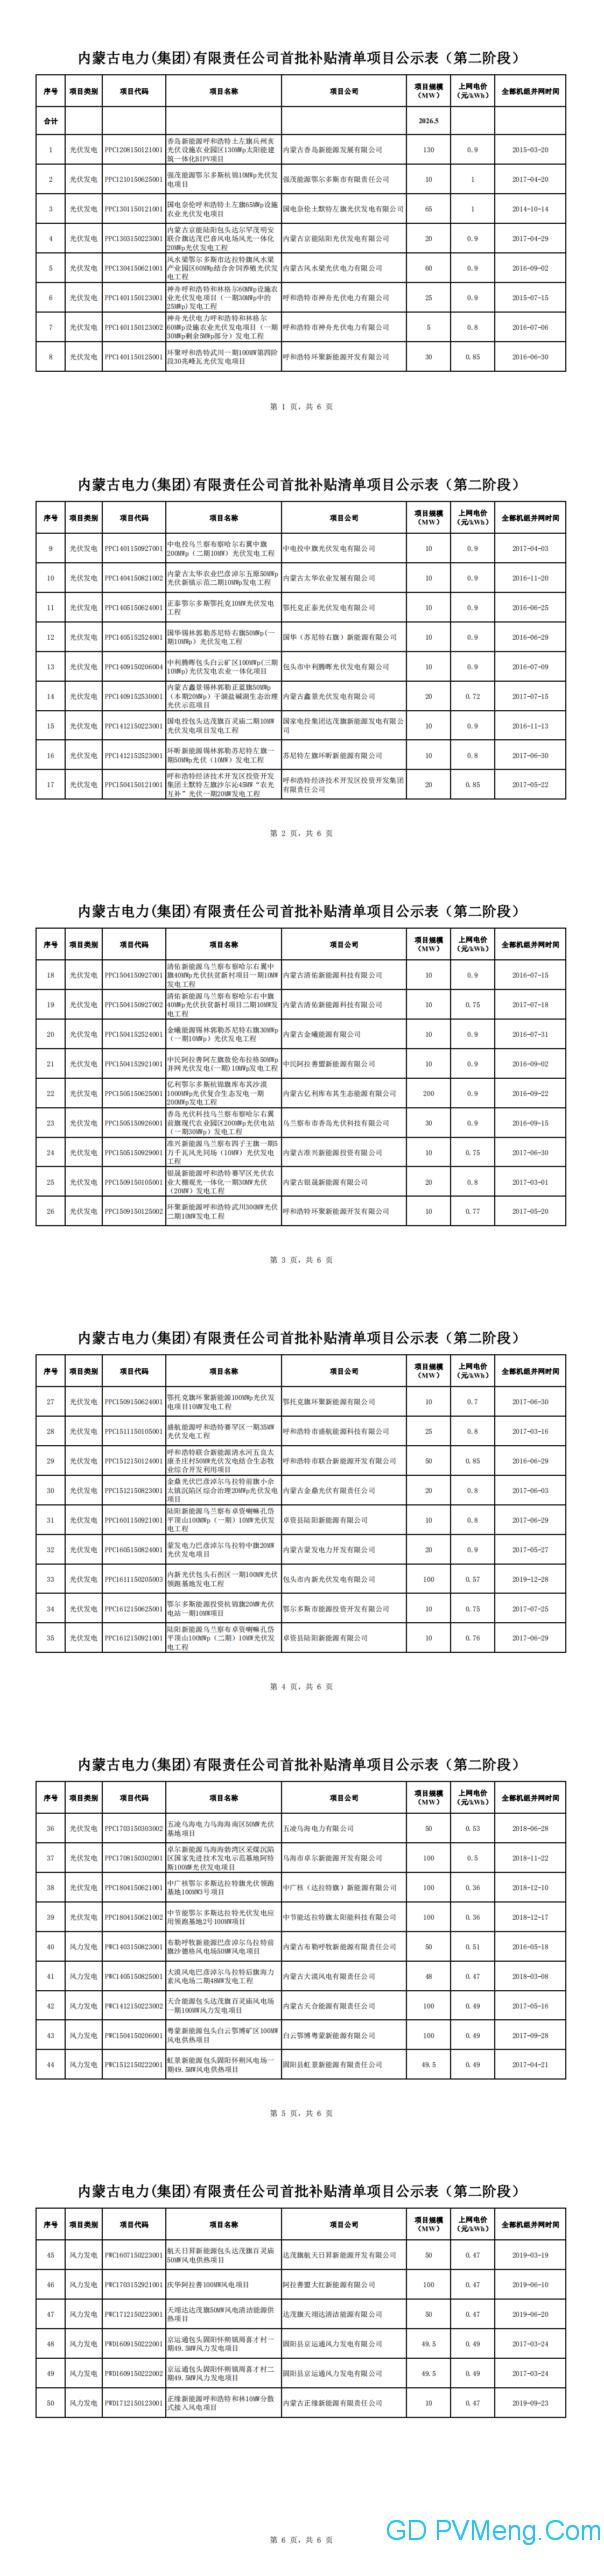 内蒙古电力(集团)有限责任公司关于经营区域内首批可再生能源发电项目补贴清单(第二阶段)的公示20200508